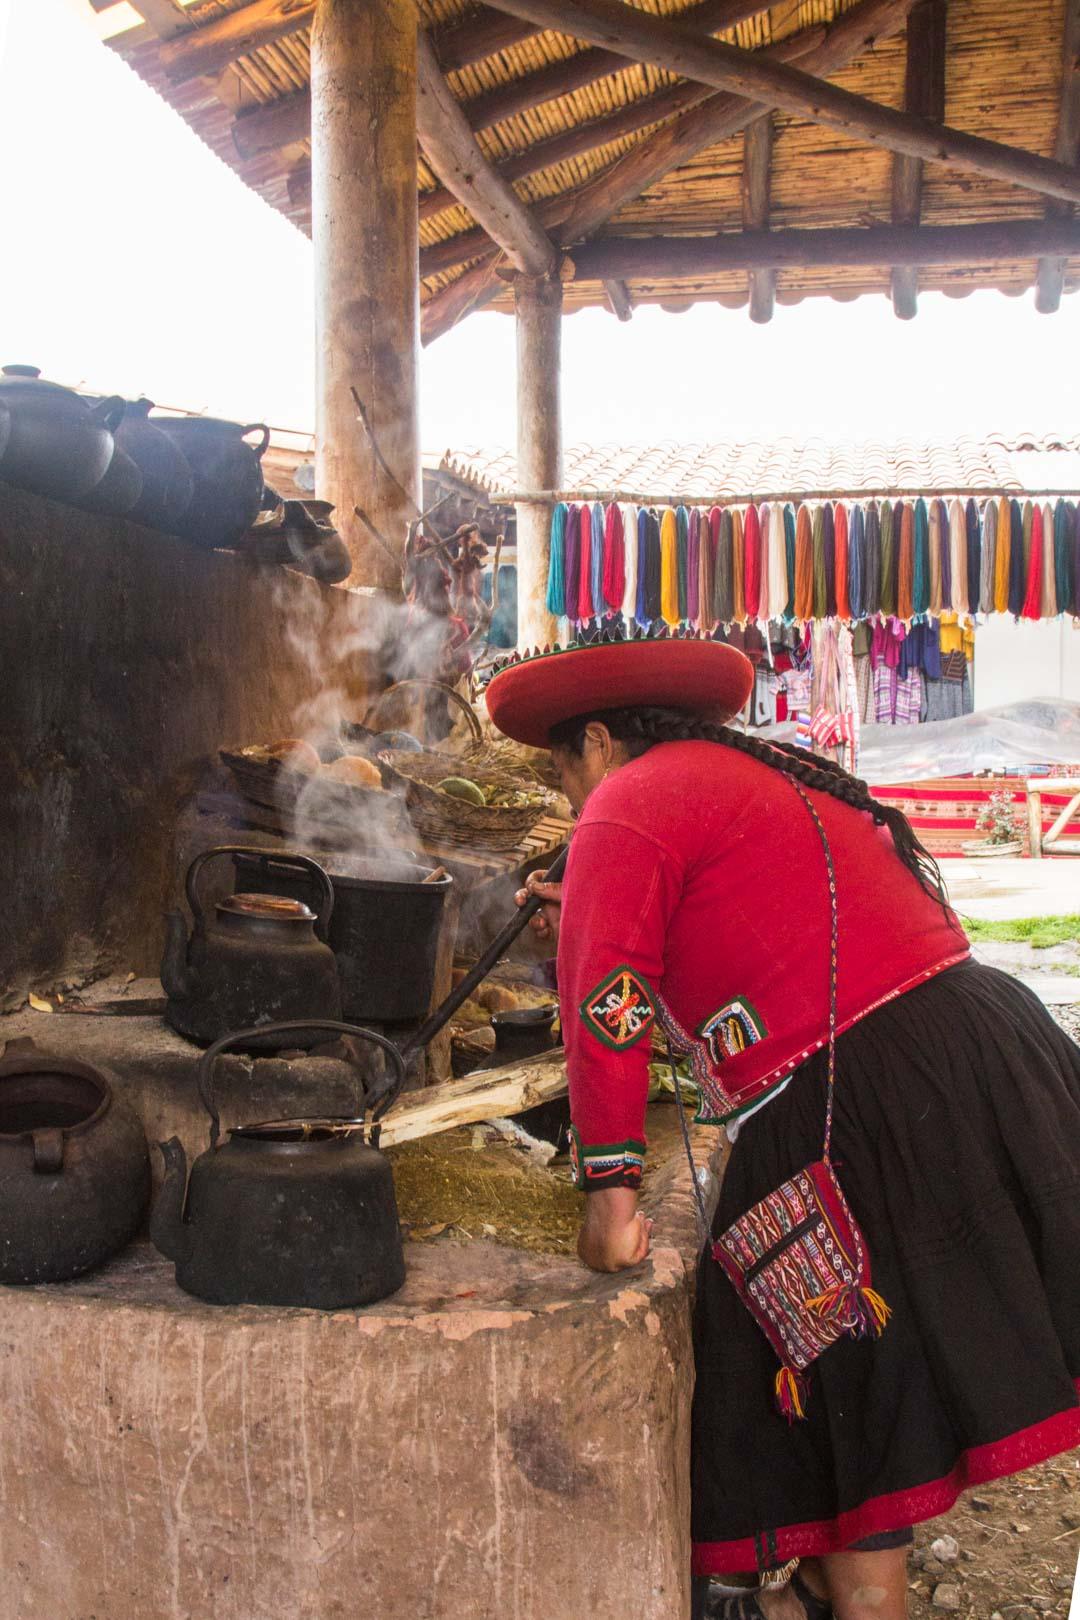 käsityöt Perussa, alpakka